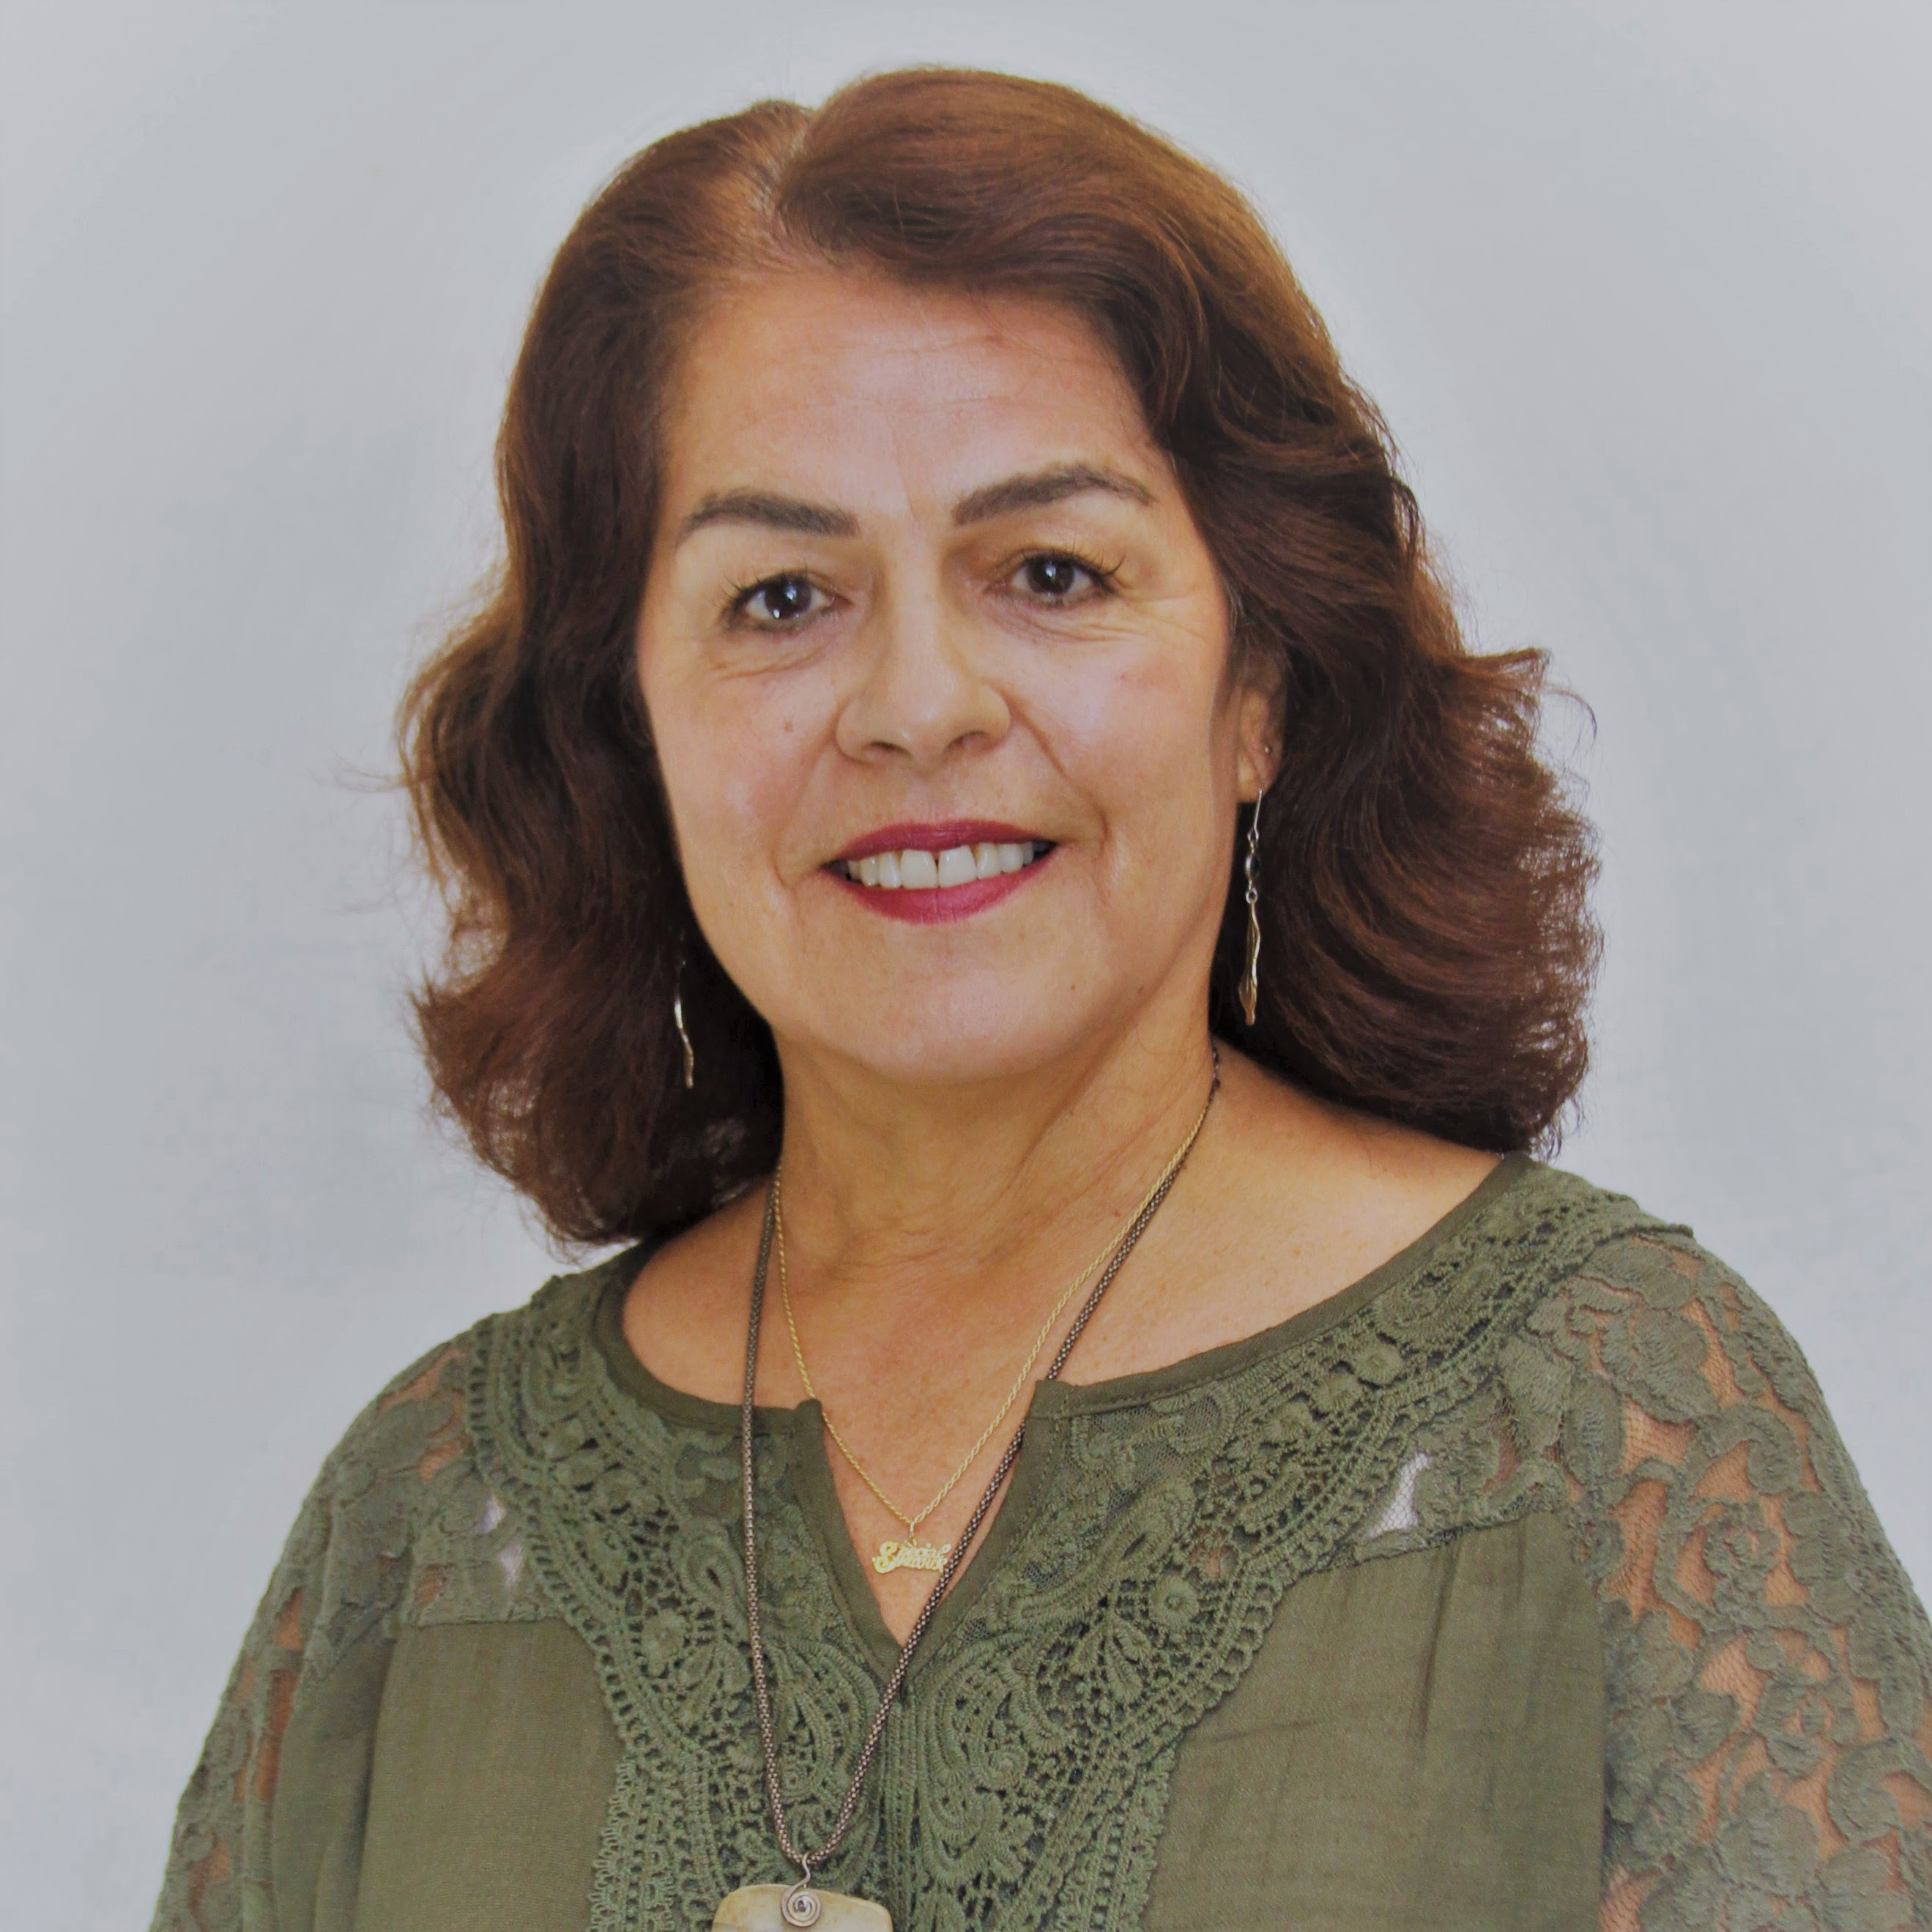 Celeste Royer